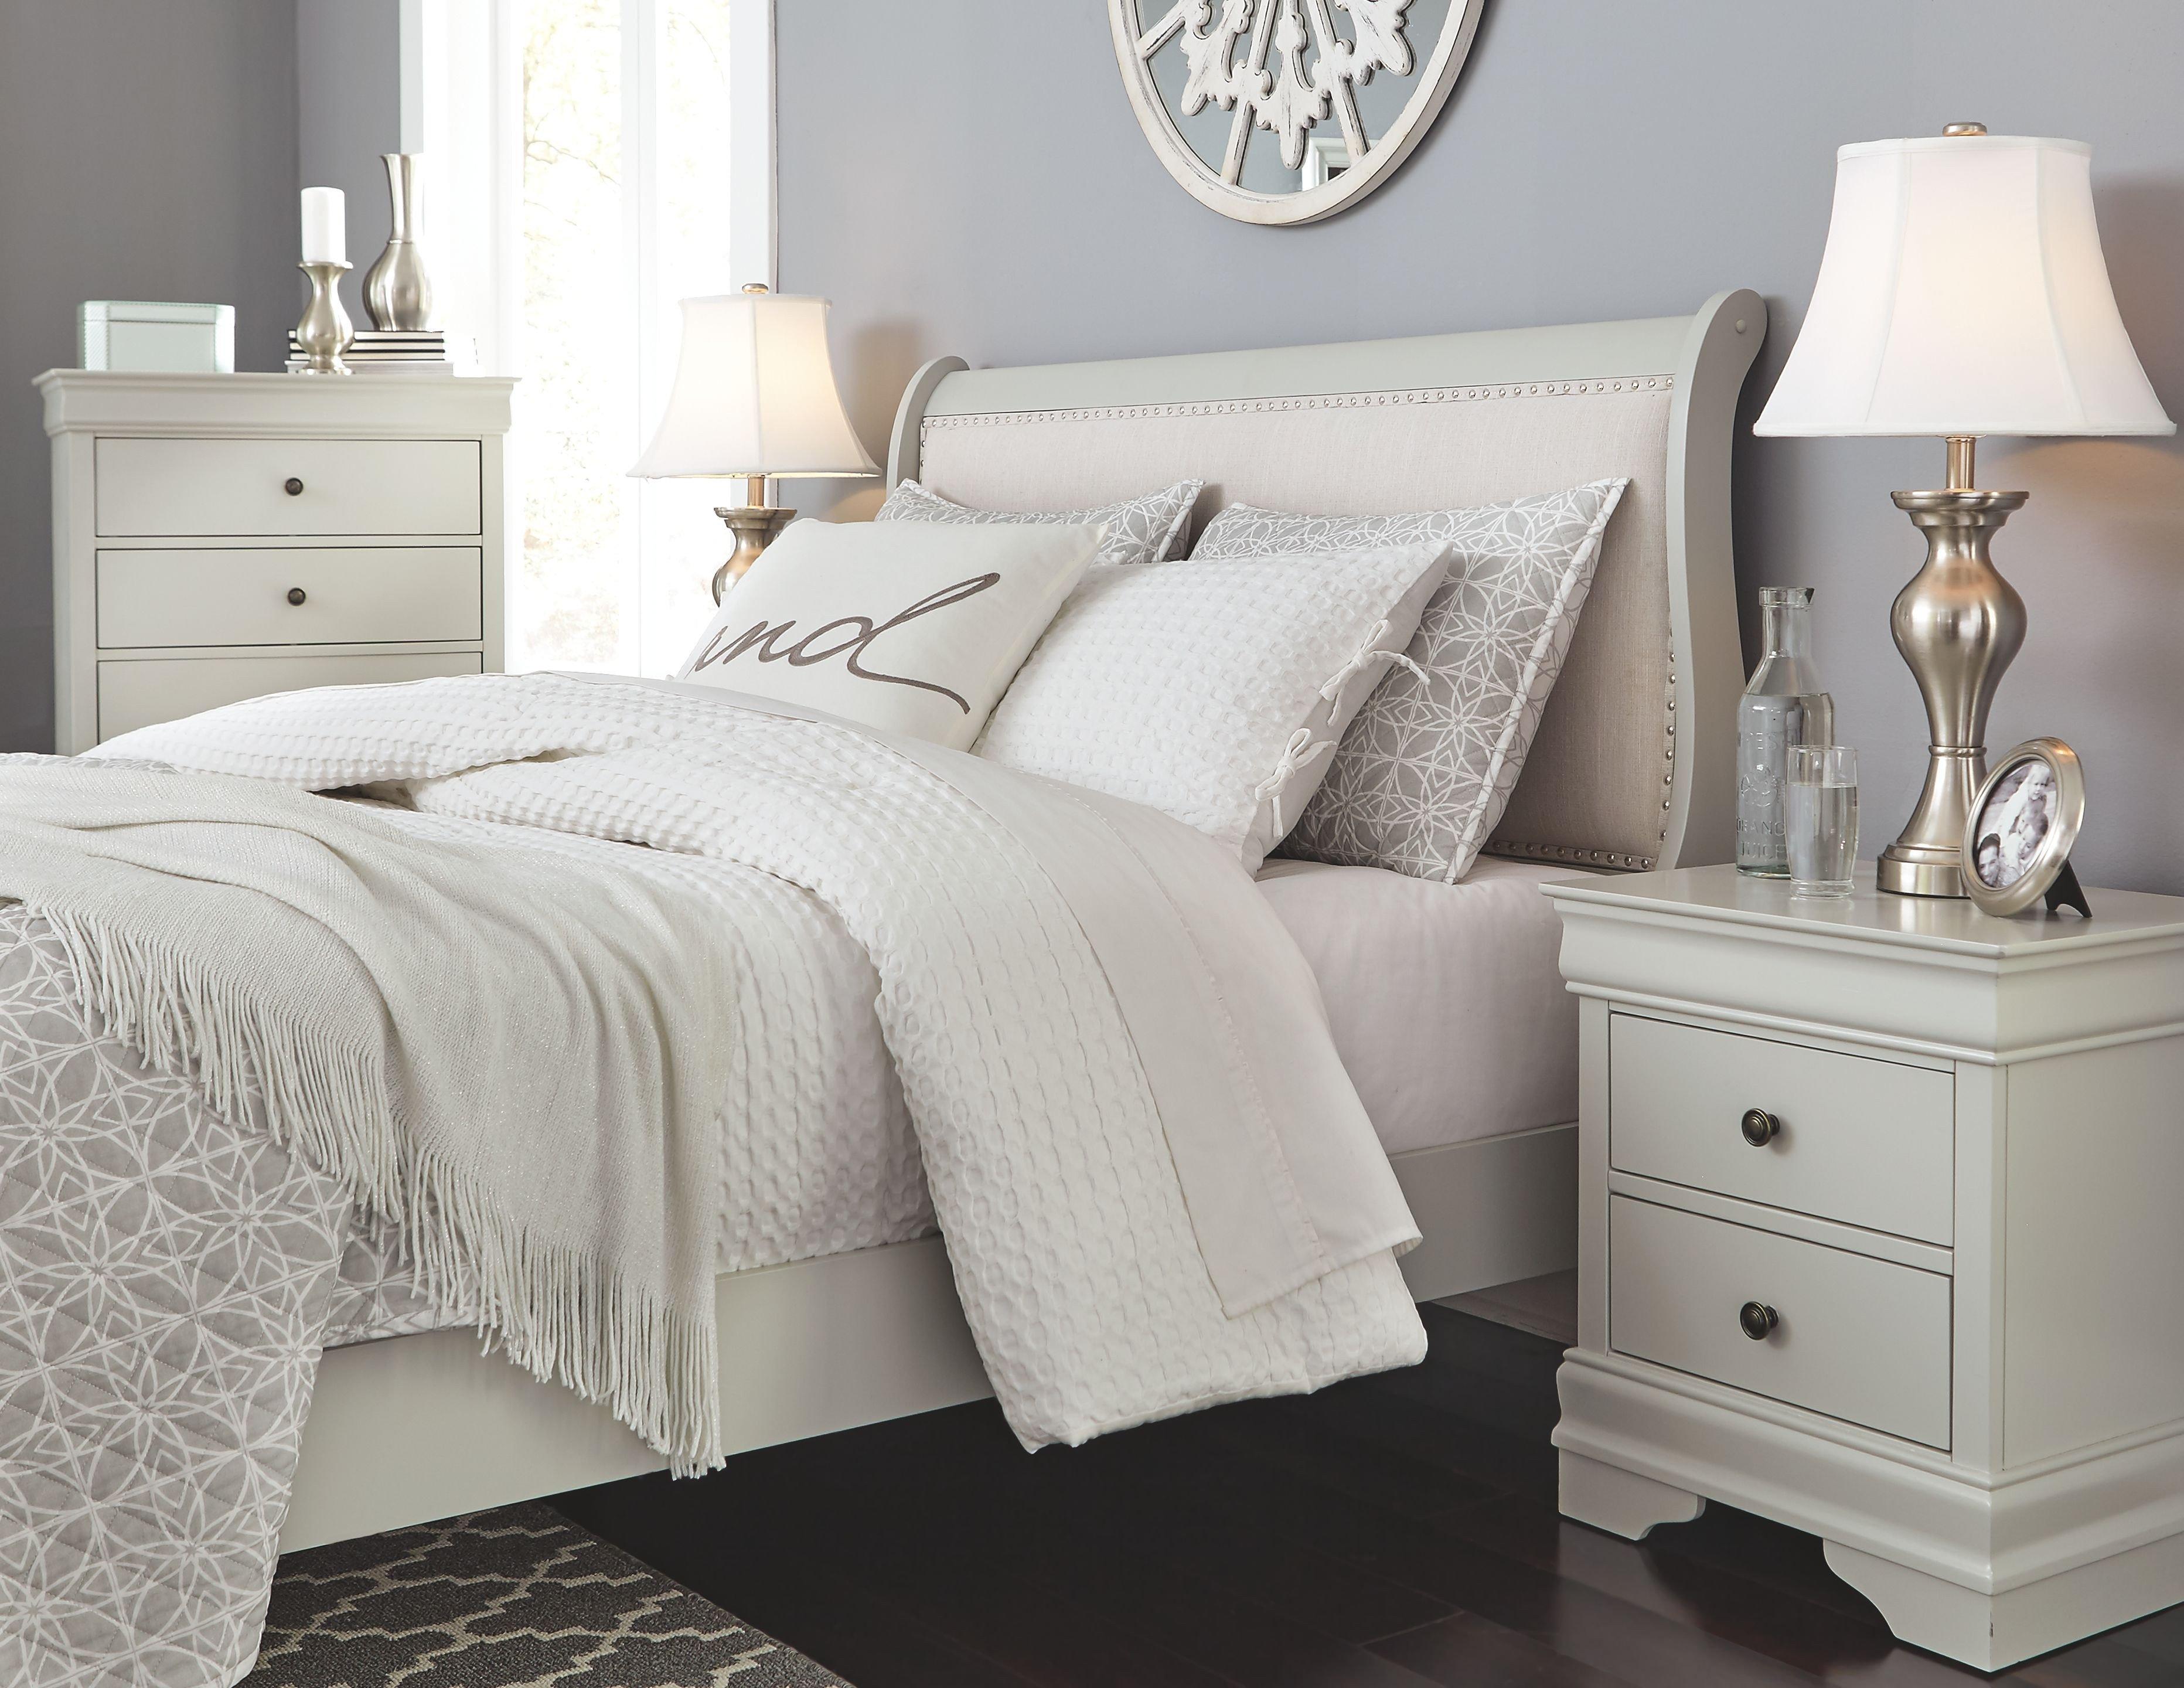 Grey Queen Bedroom Set Unique Jorstad Full Bed with 2 Nightstands Gray